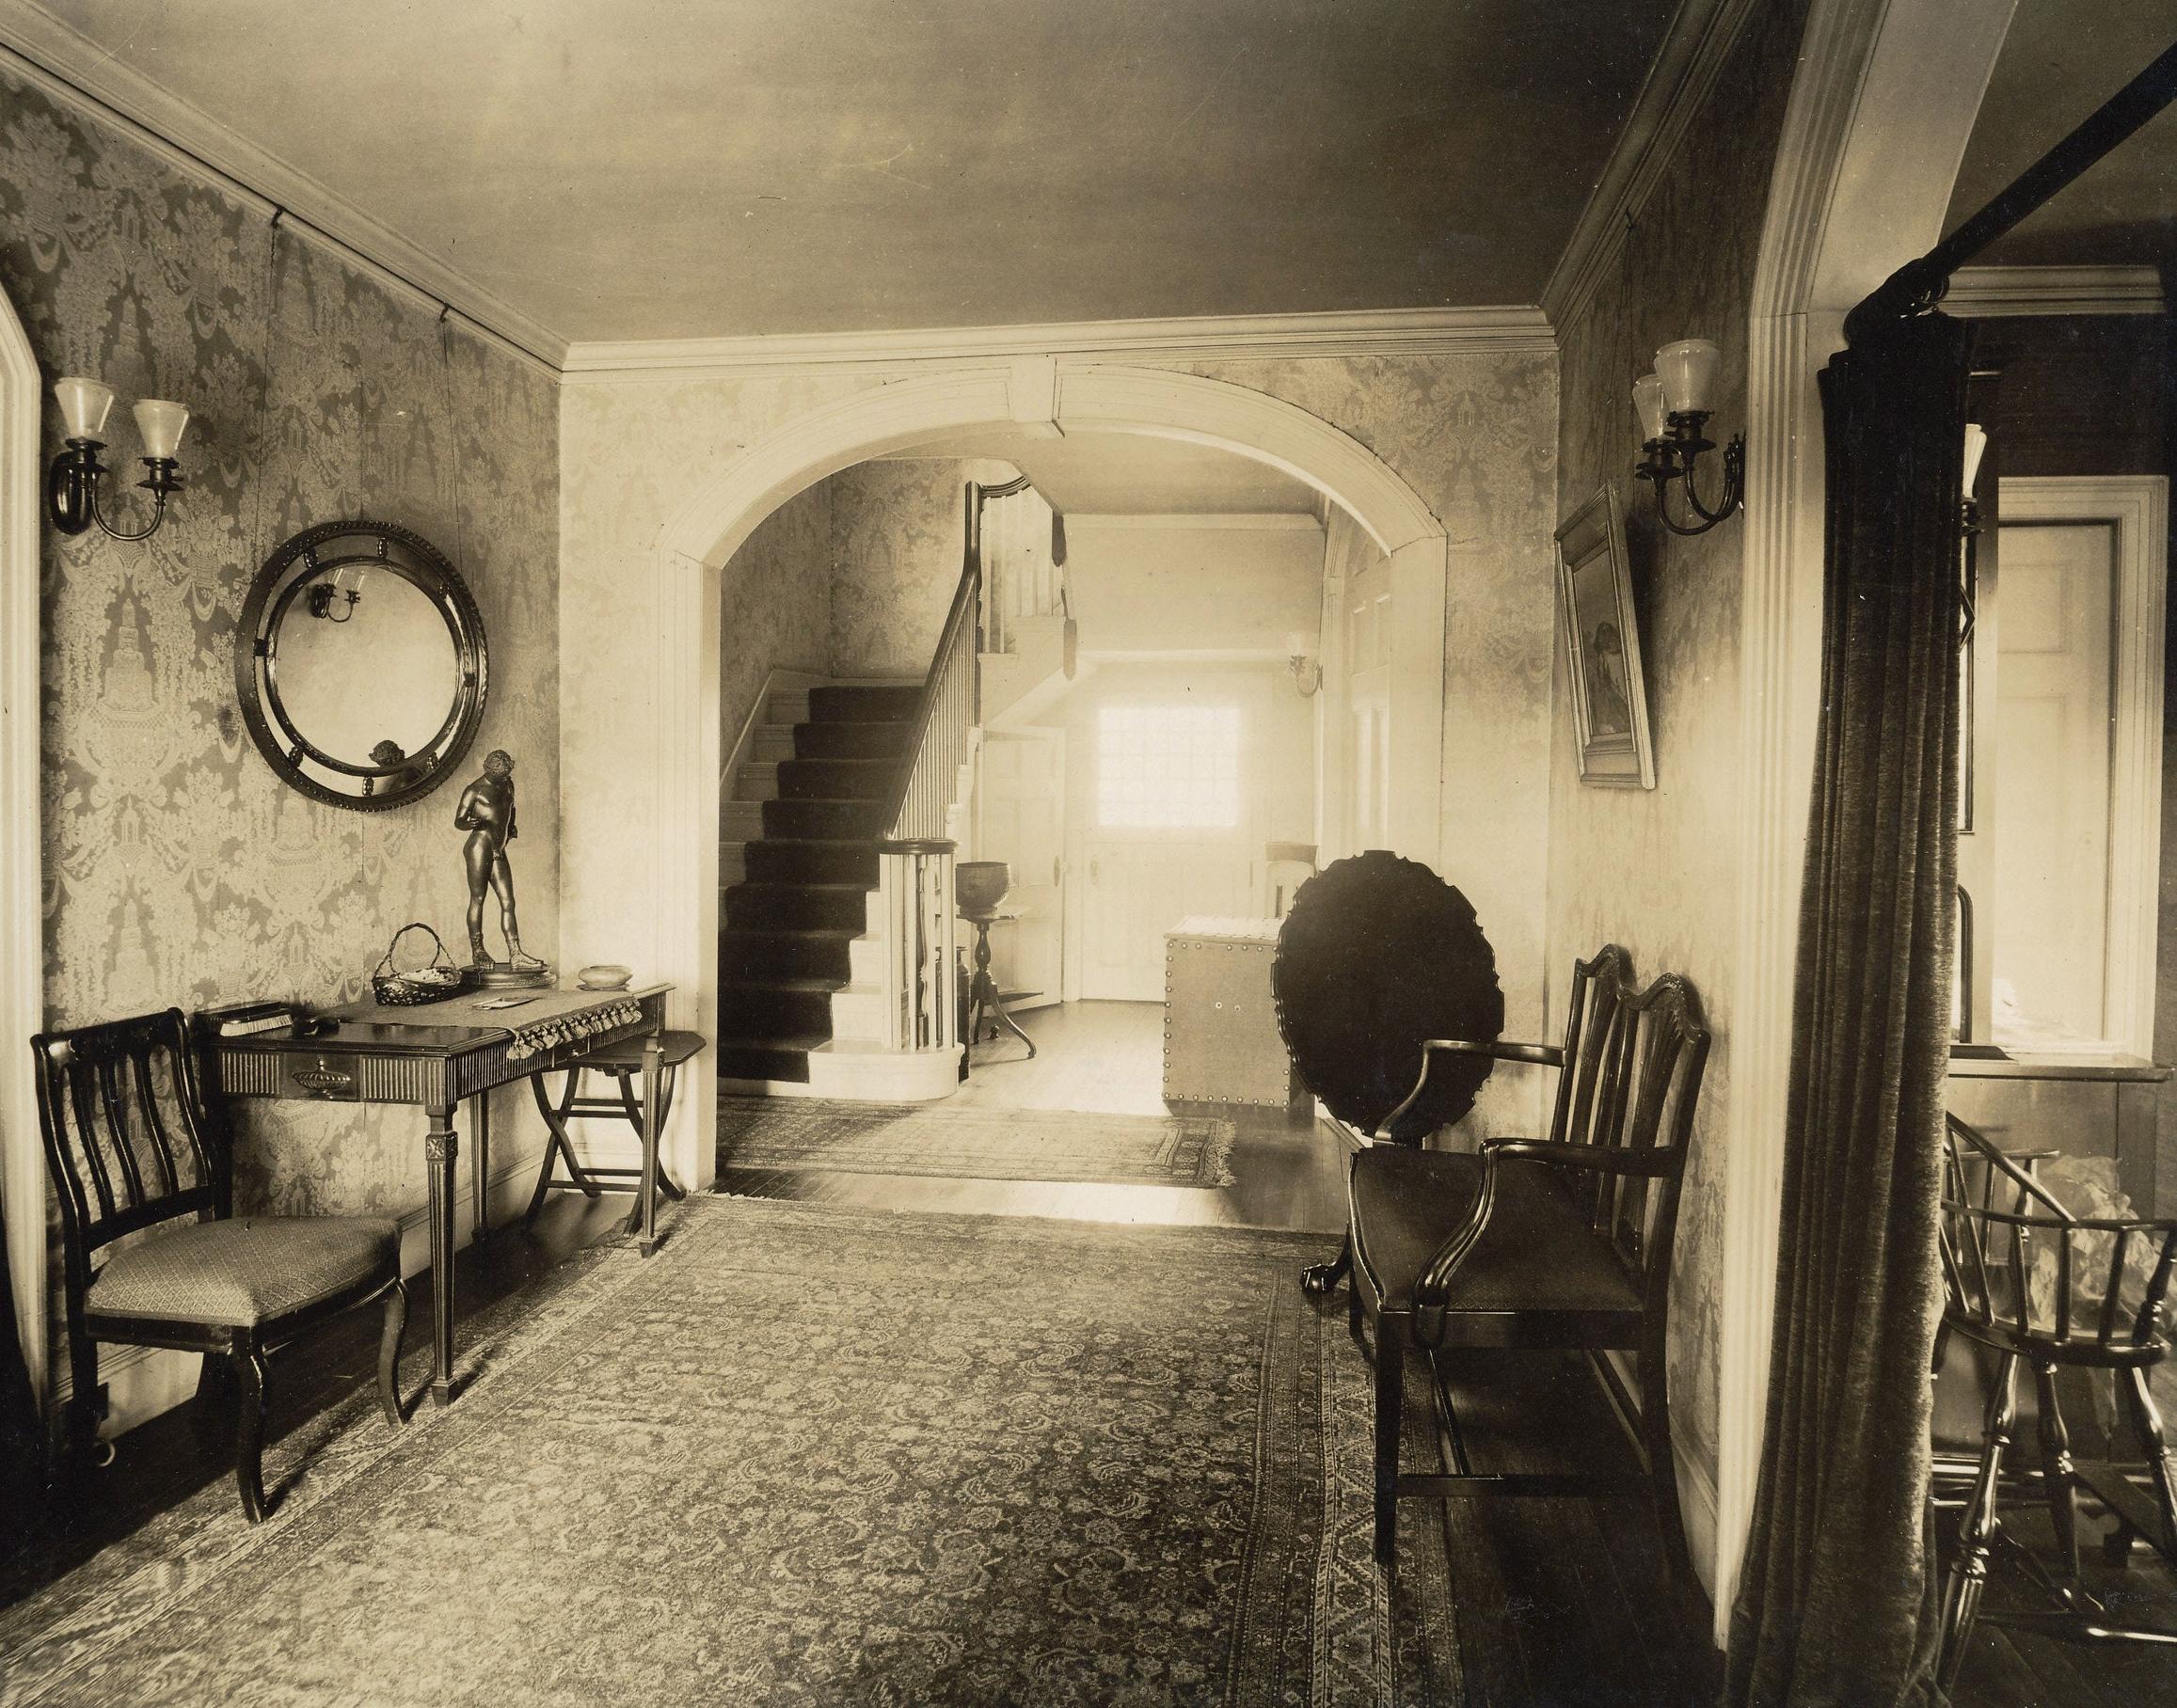 The Locust house interior, c. 1910.